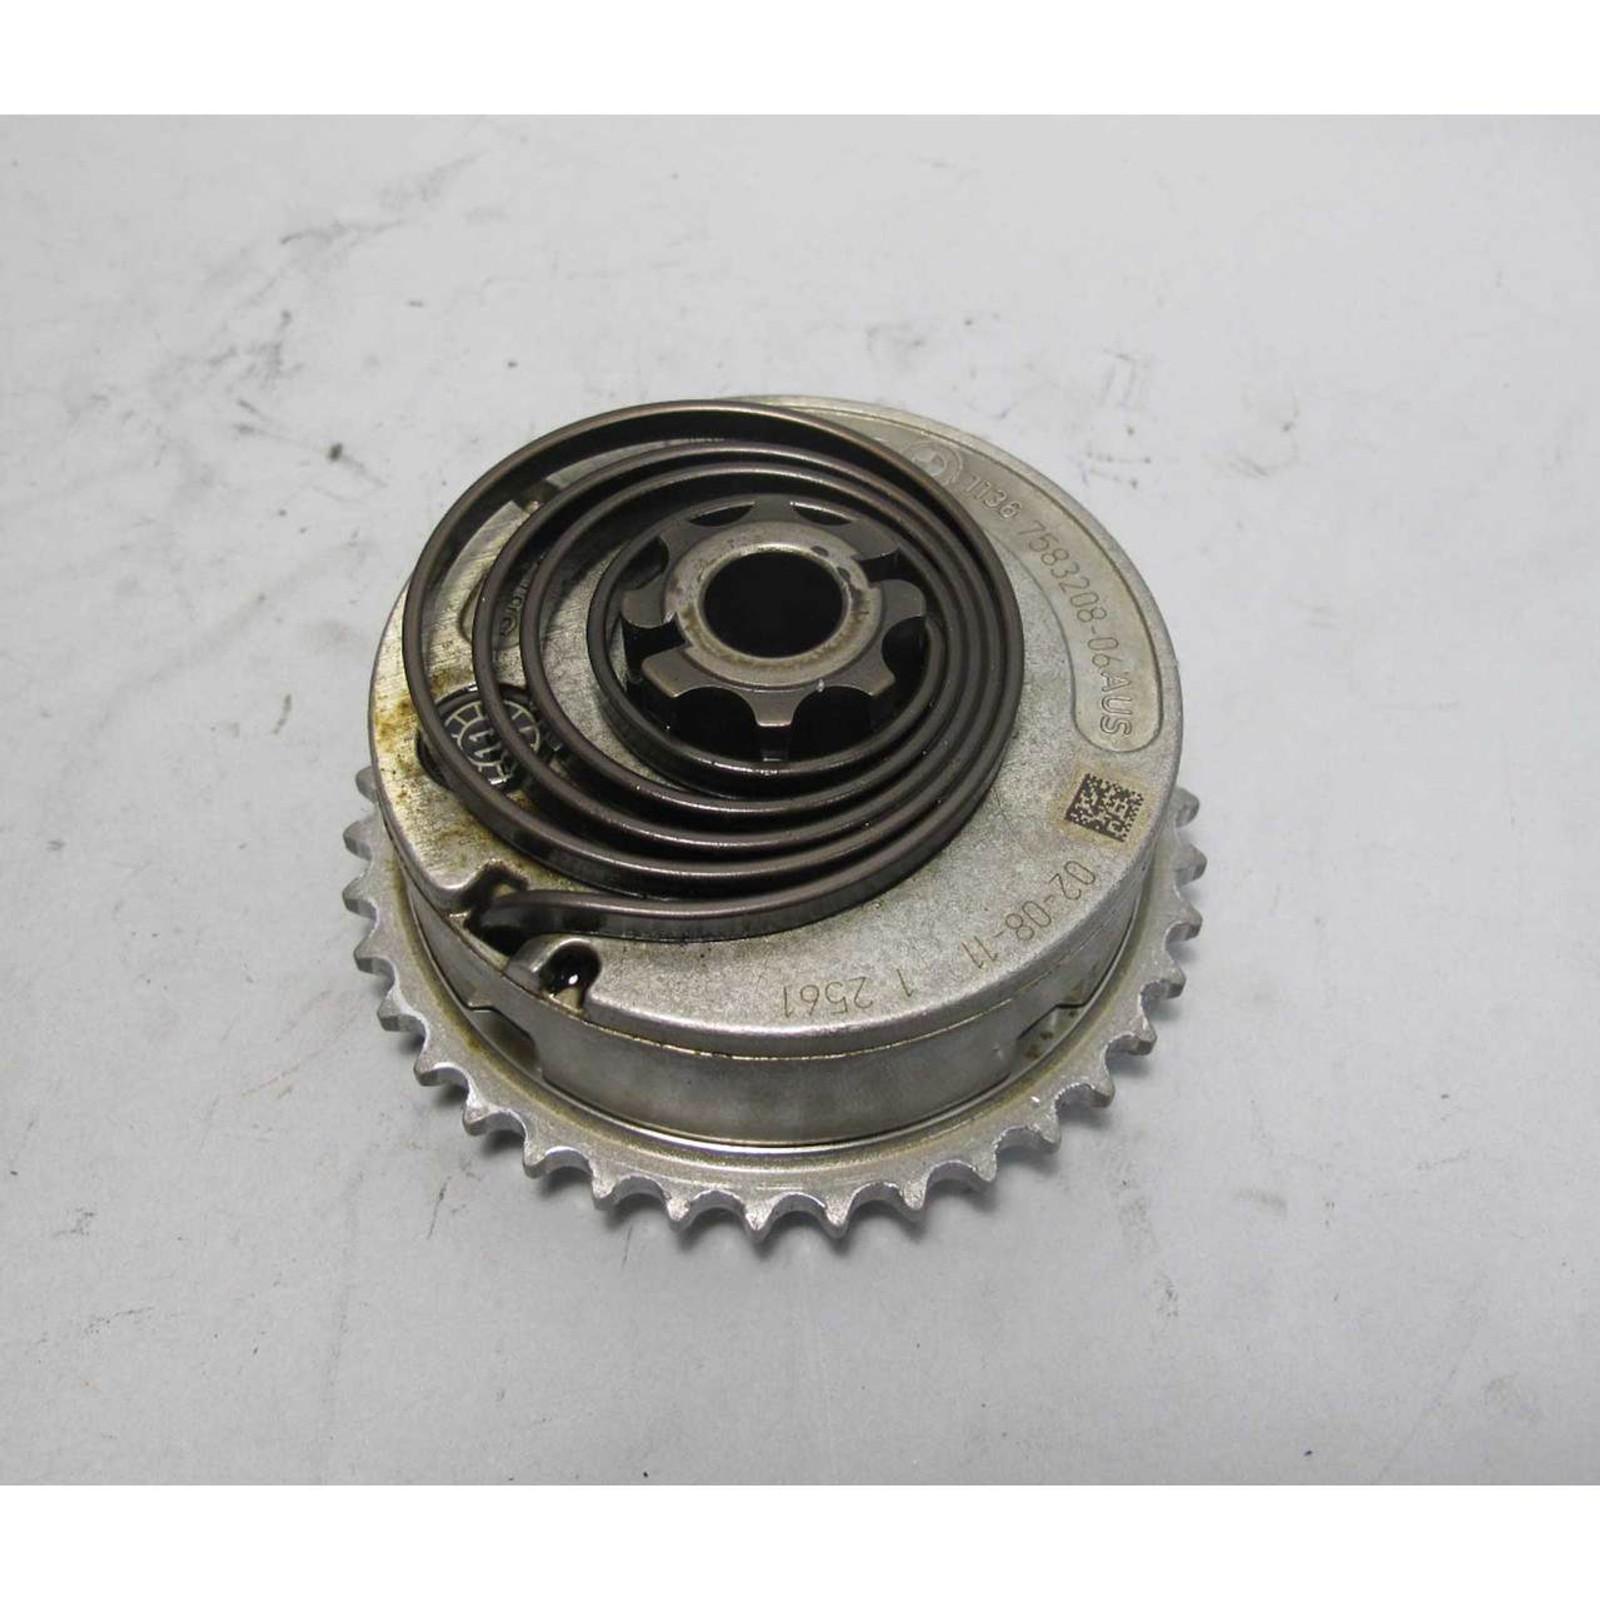 BMW N51 N52 6-Cyl Engine Exhaust Camshaft Timing Gear